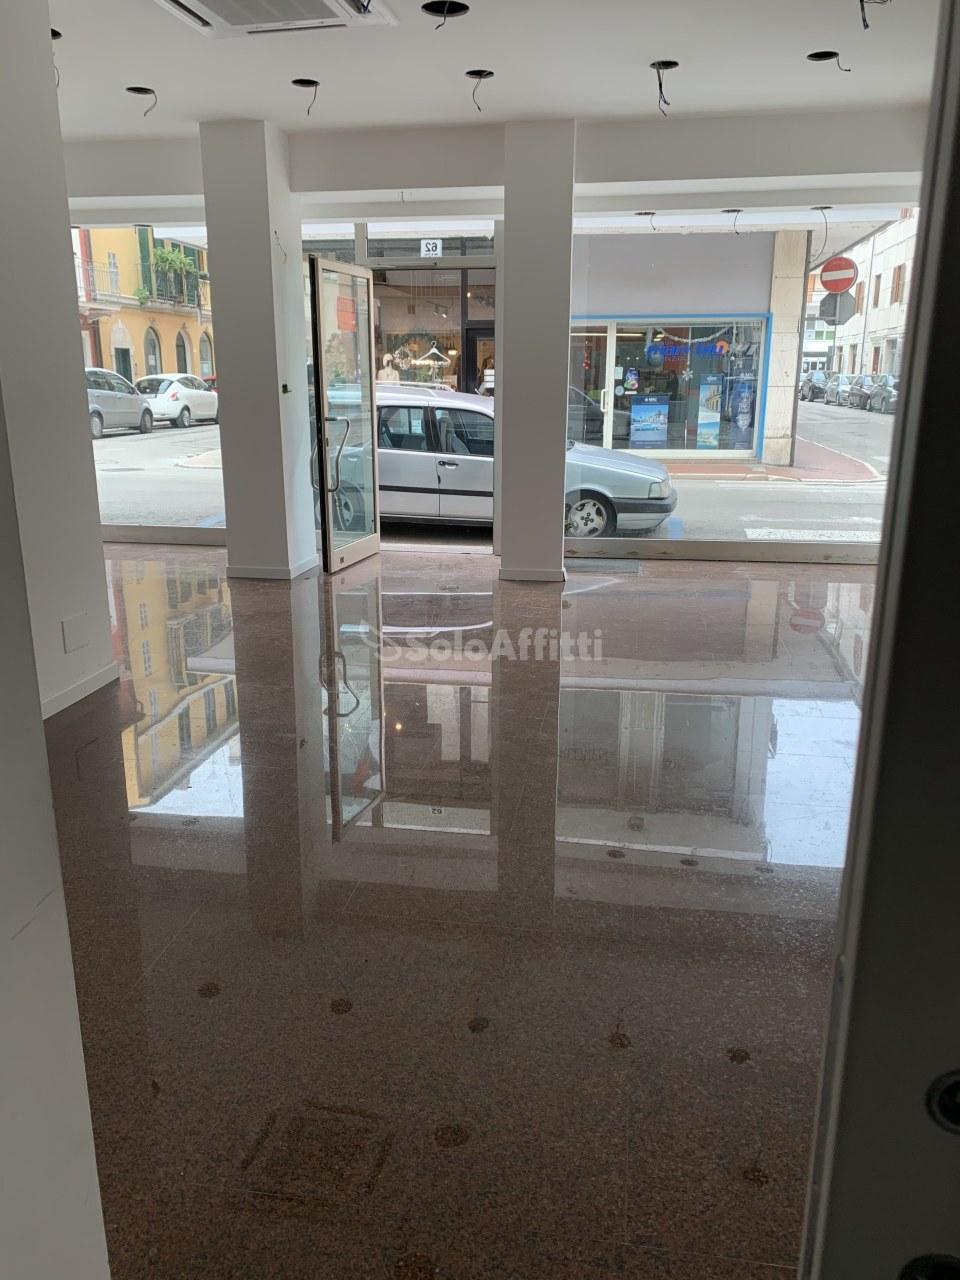 Fondo/negozio - 3 vetrine/luci a San Benedetto del Tronto Rif. 11681662